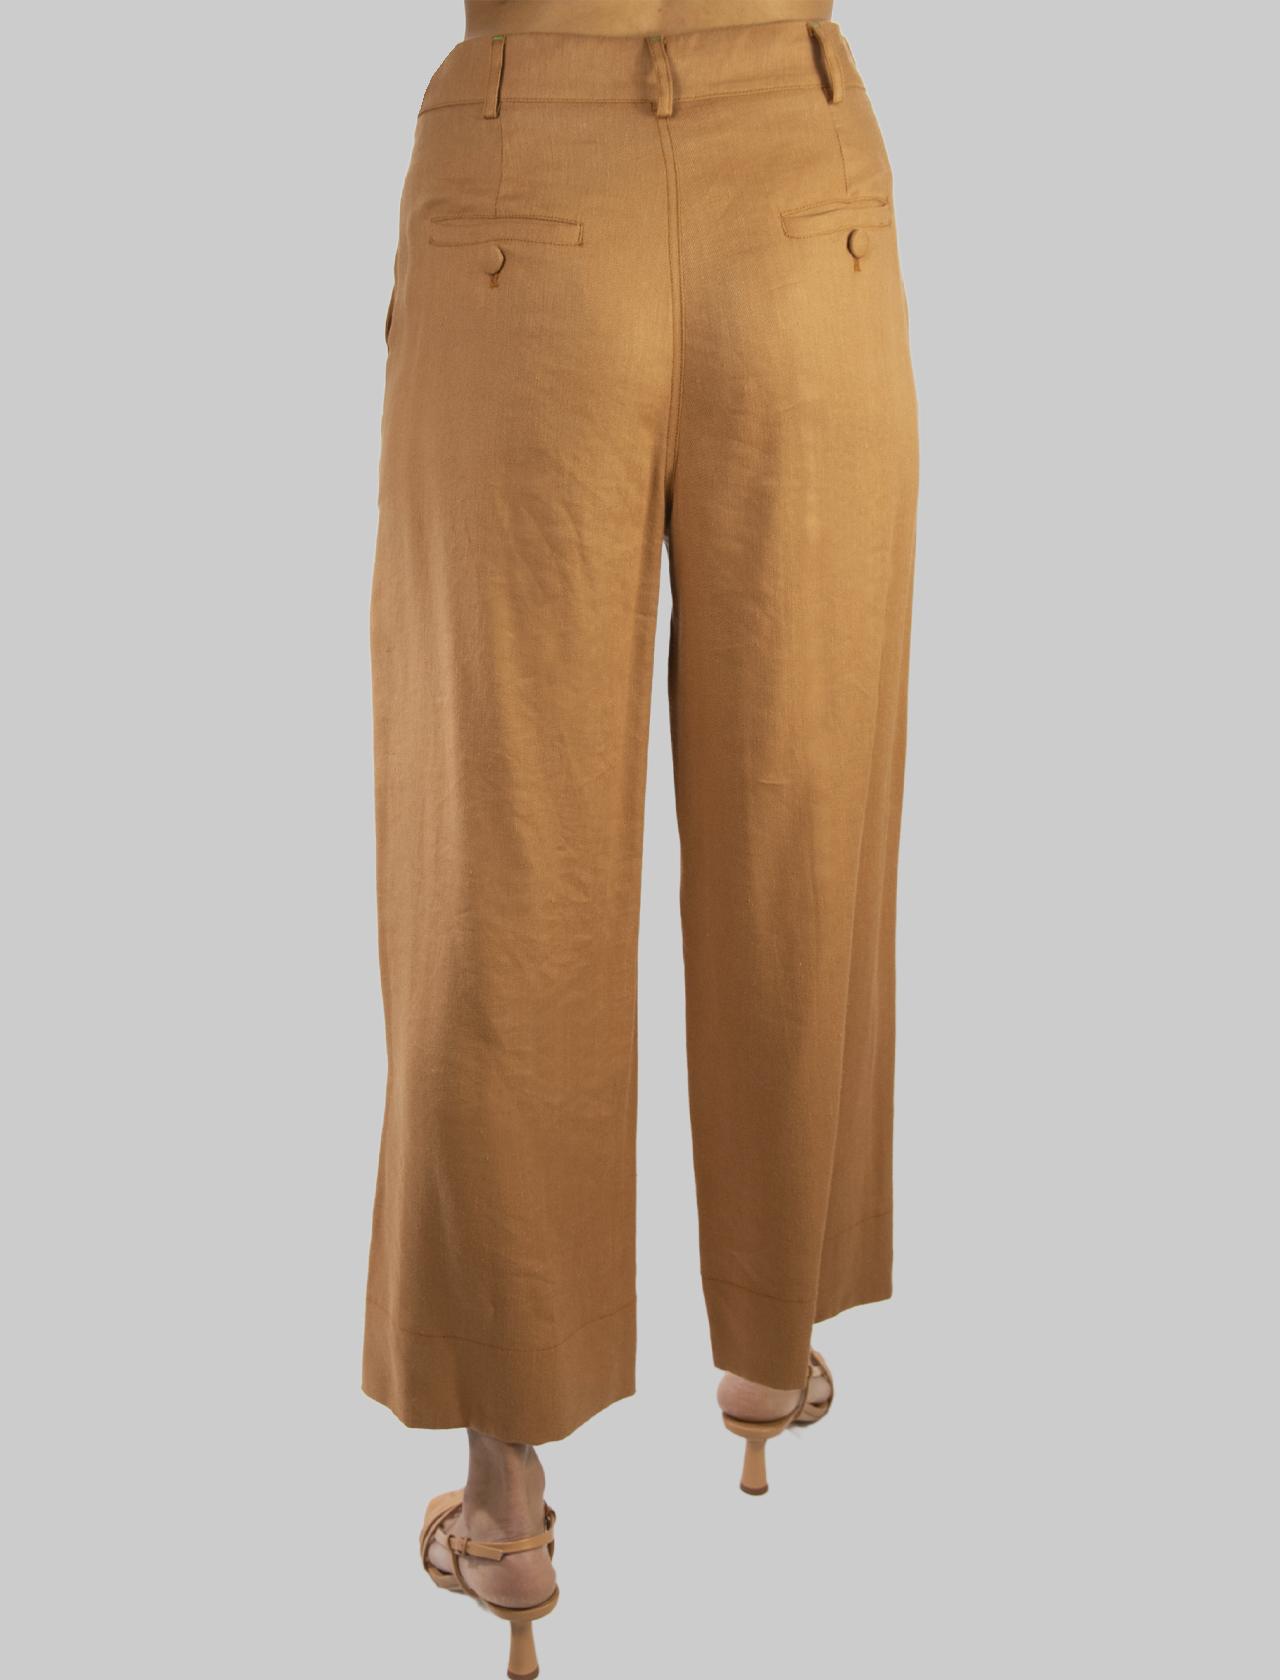 Abbigliamento Donna Pantalone Diagonal Linen con Gamba Ampia in Lino Ocra Maliparmi   Gonne e Pantaloni   JH74664007812021